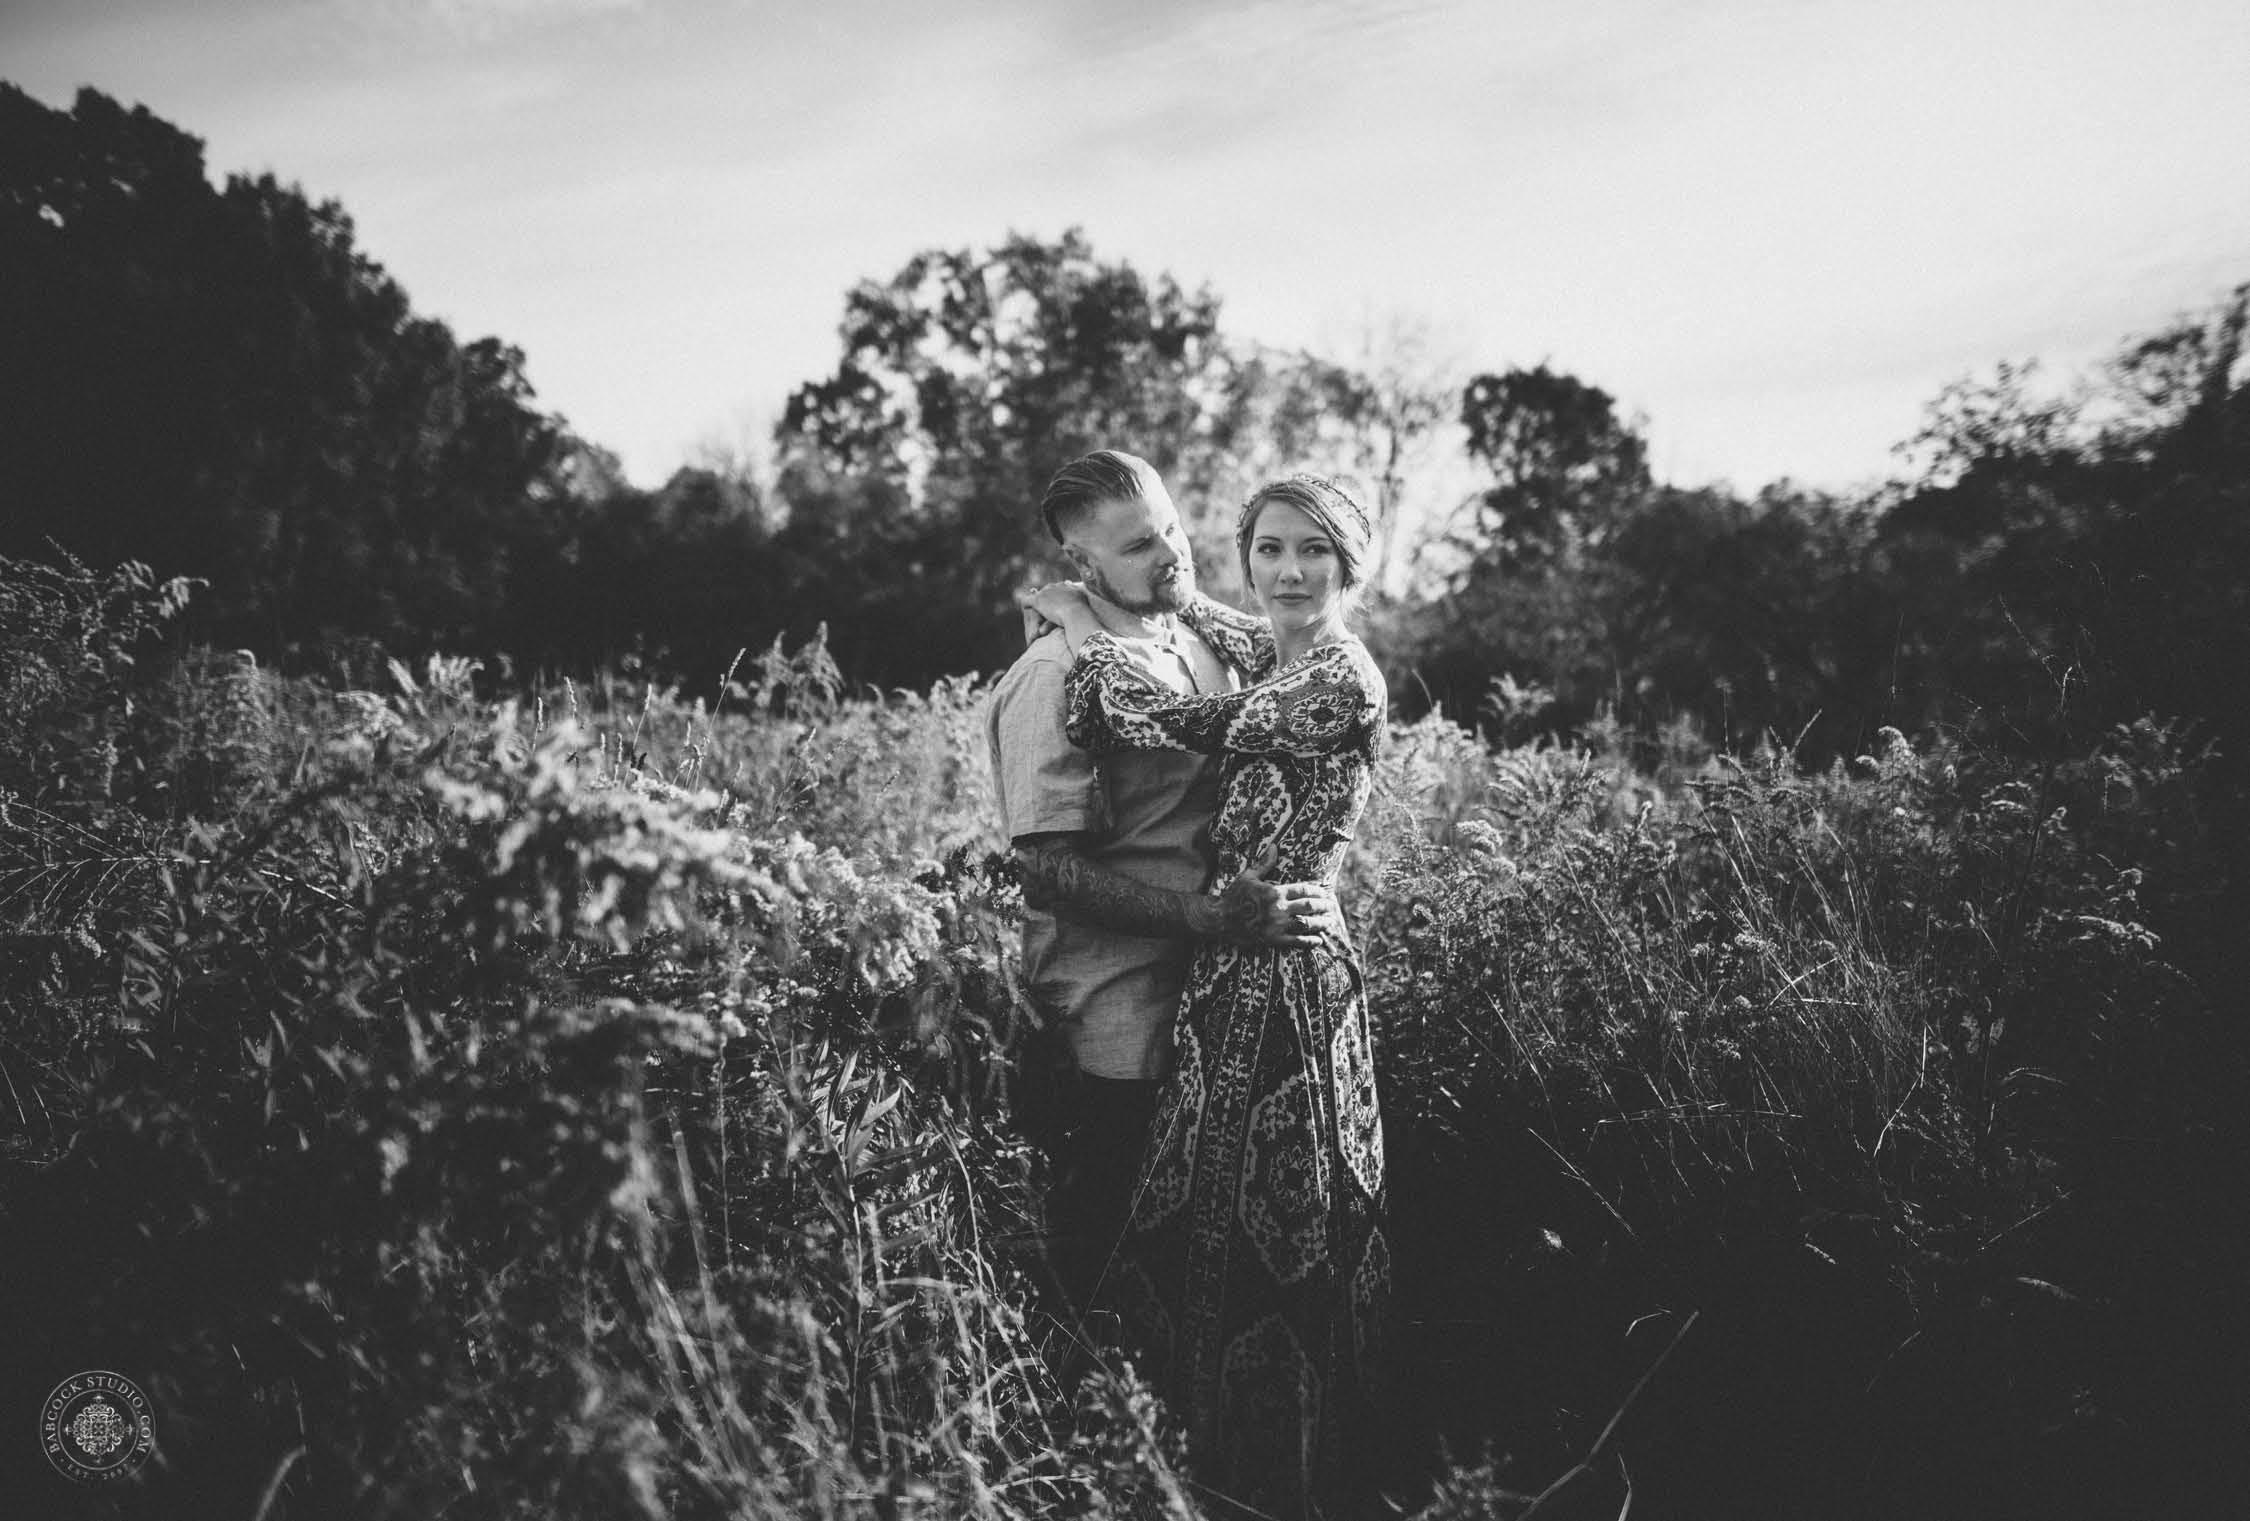 emily-jeff-engagement-photographer-dayton-ohio-.jpg